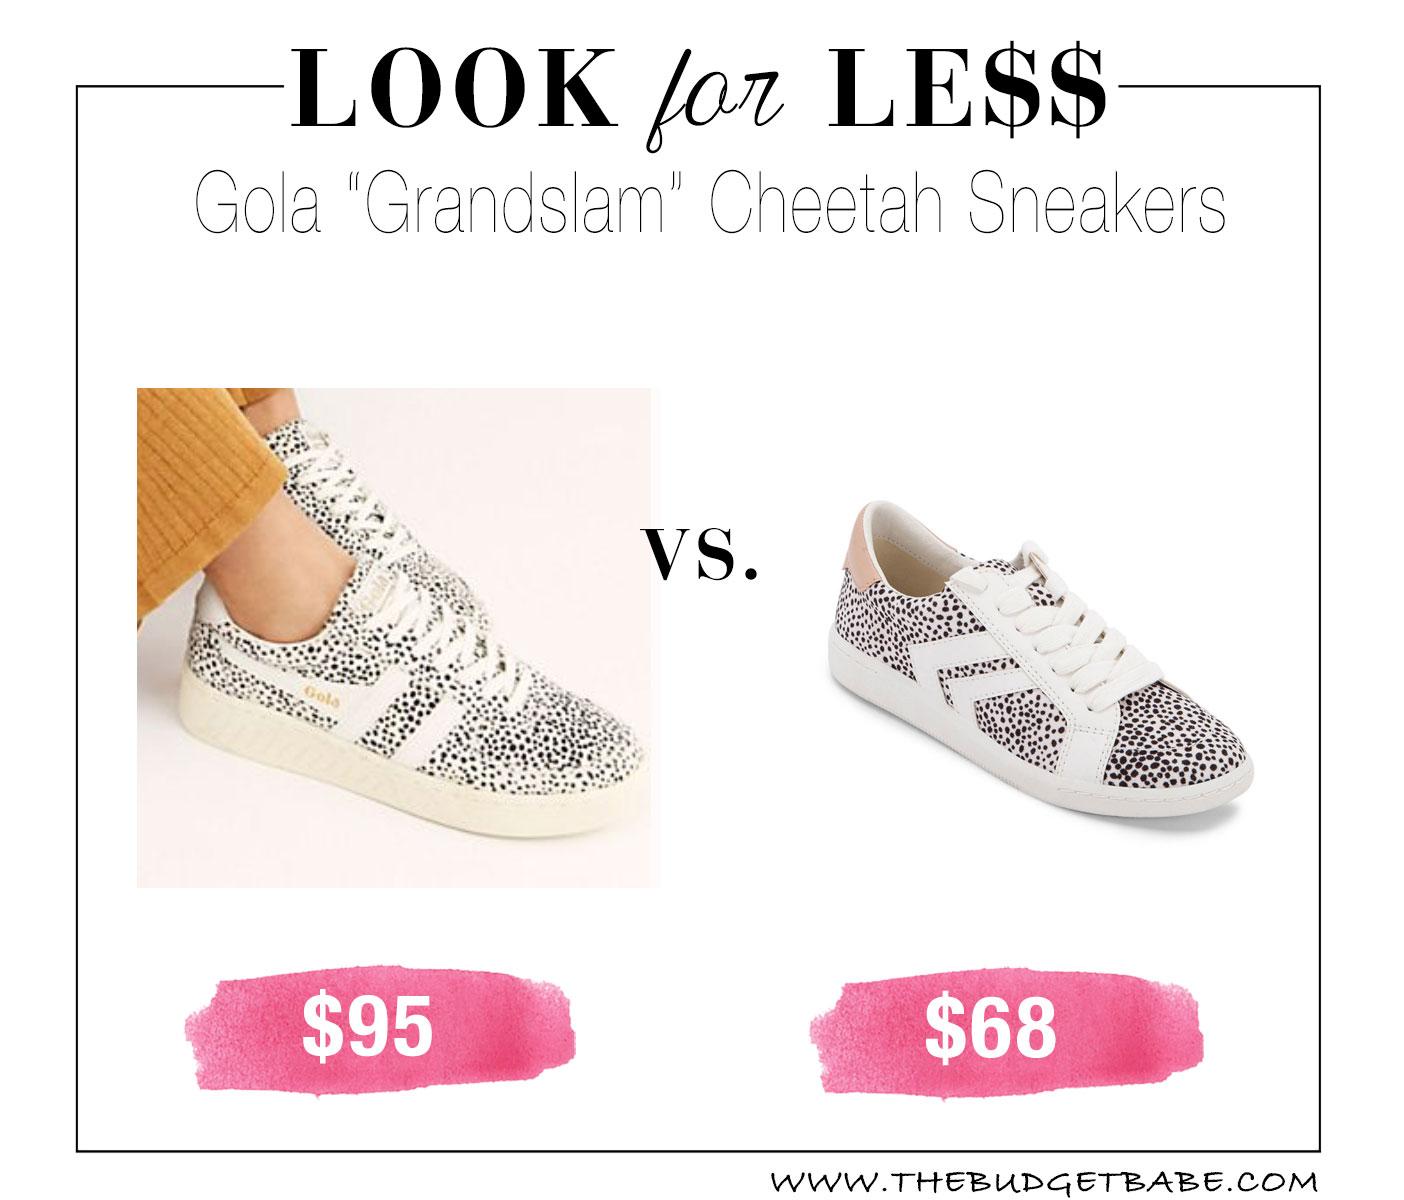 Gola Grandslam Cheetah Sneakers Dupe